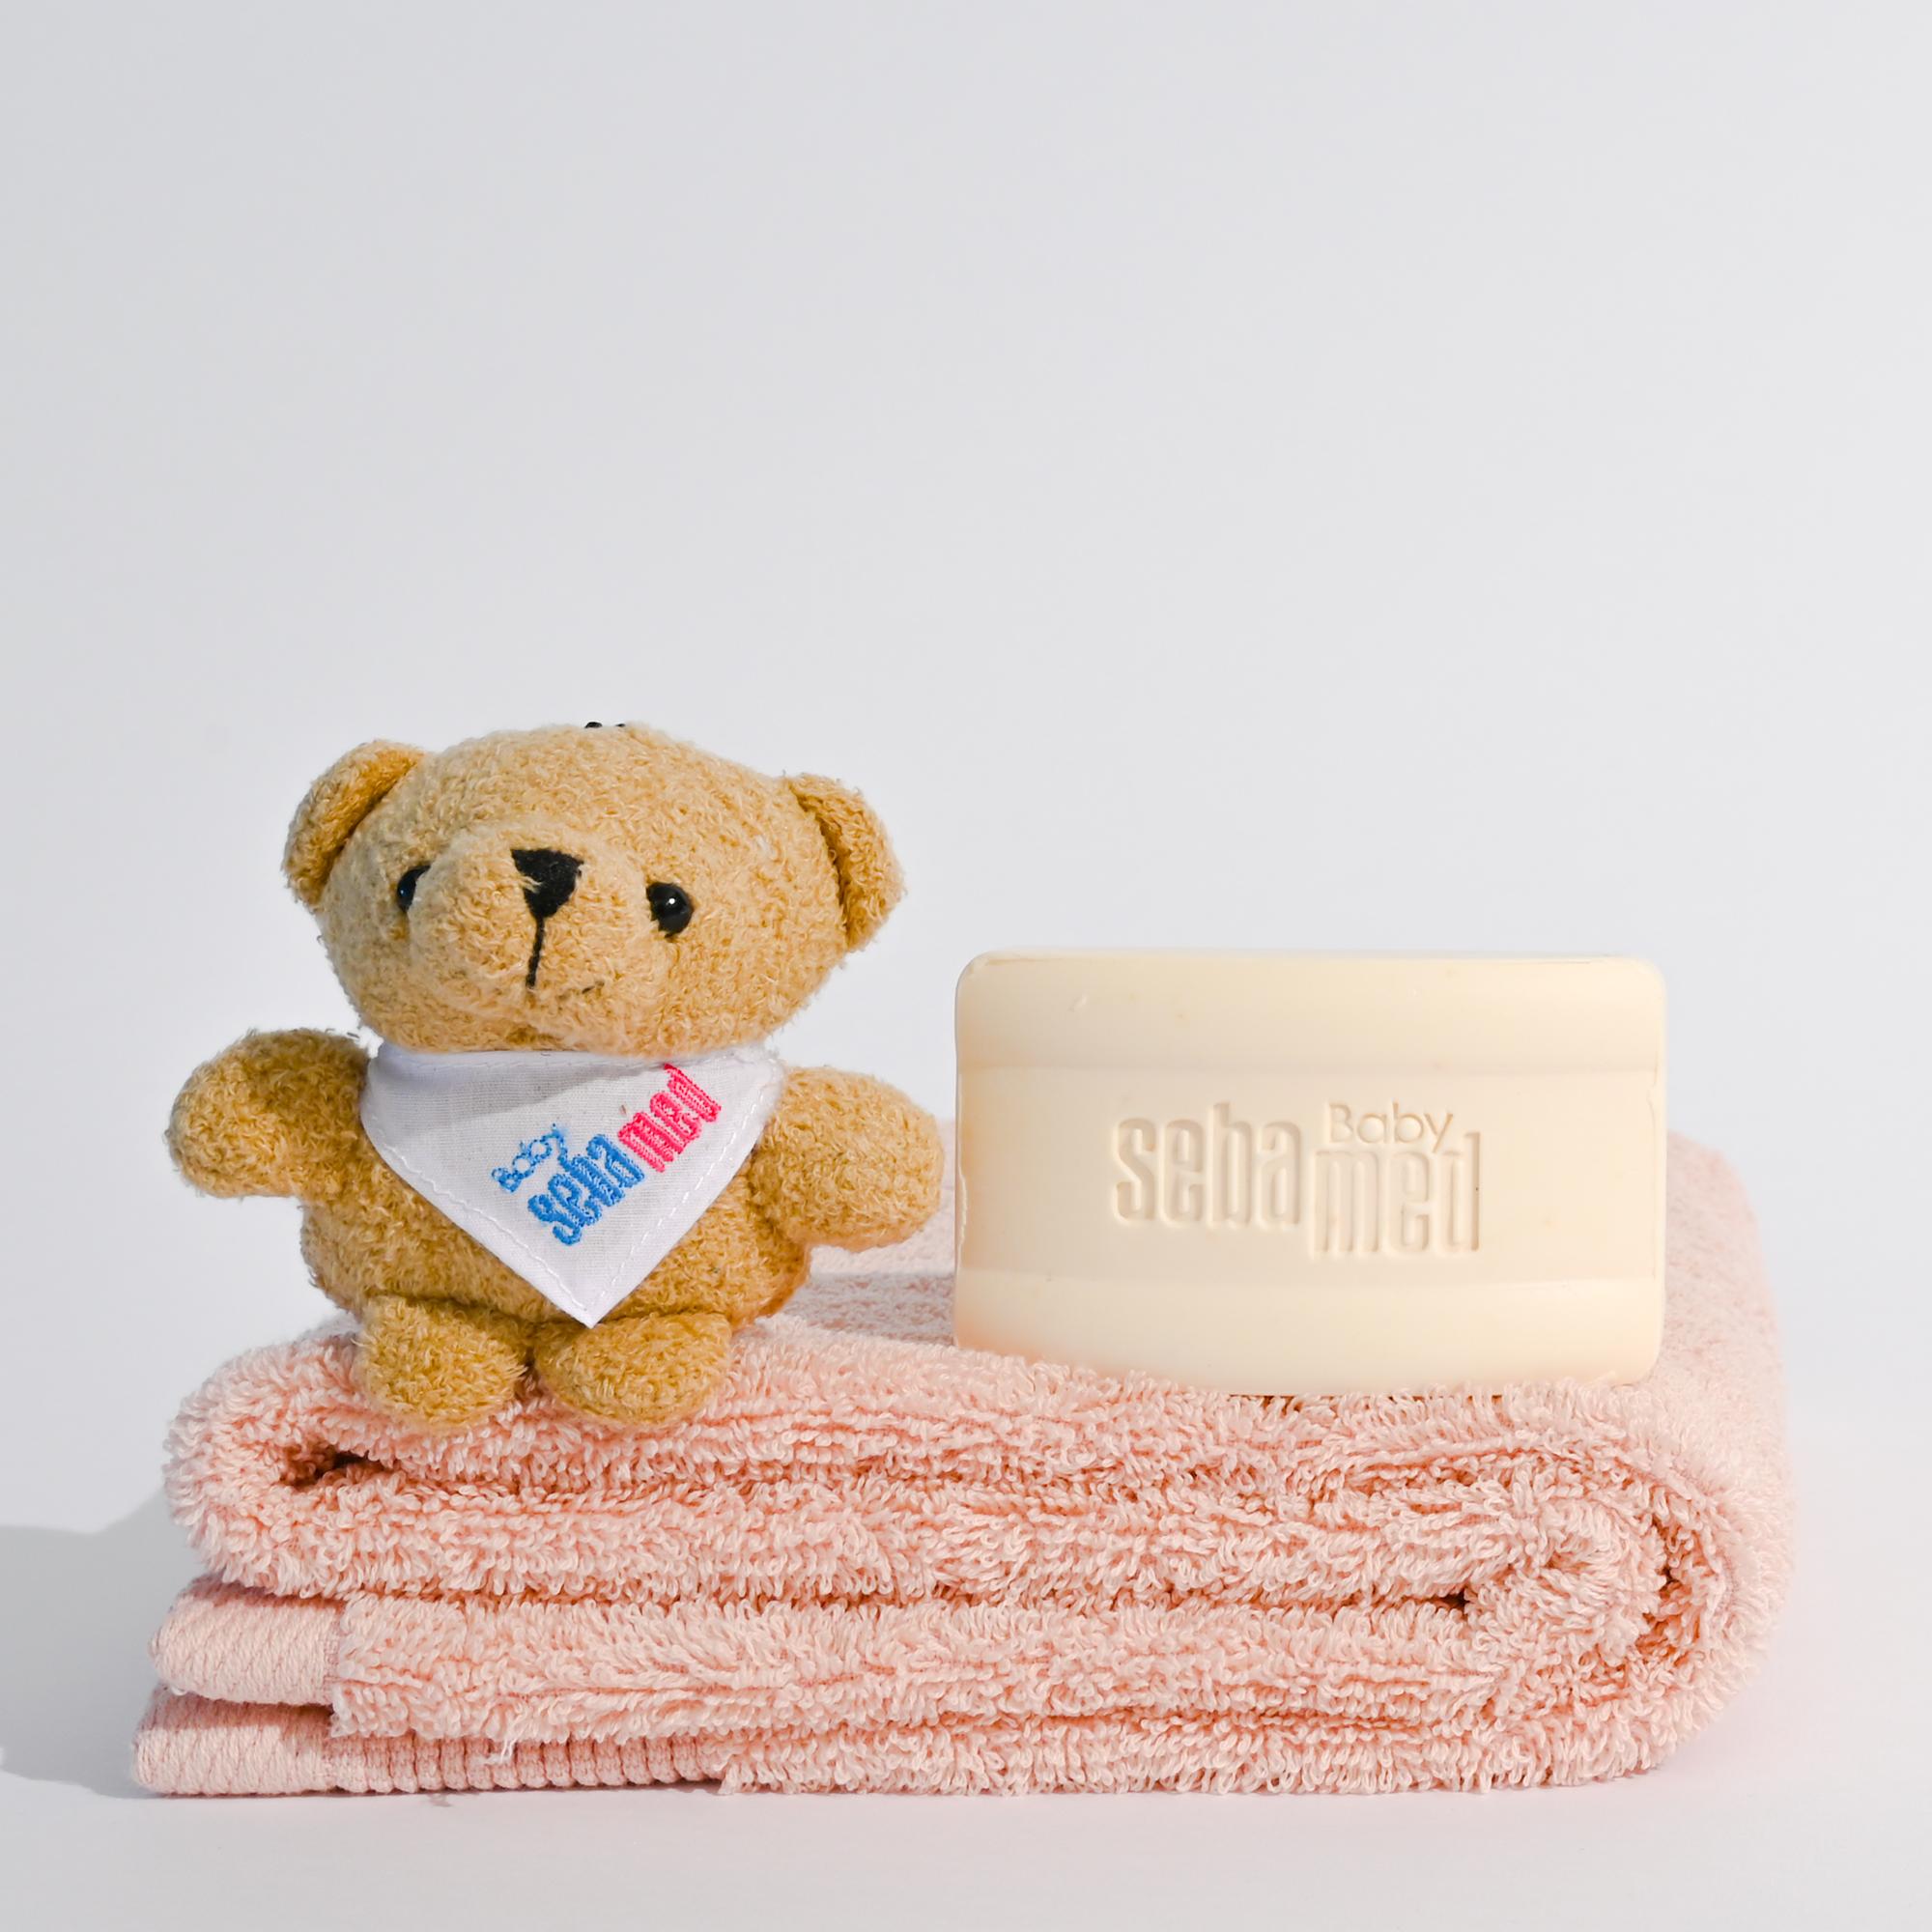 Baby bar and bear